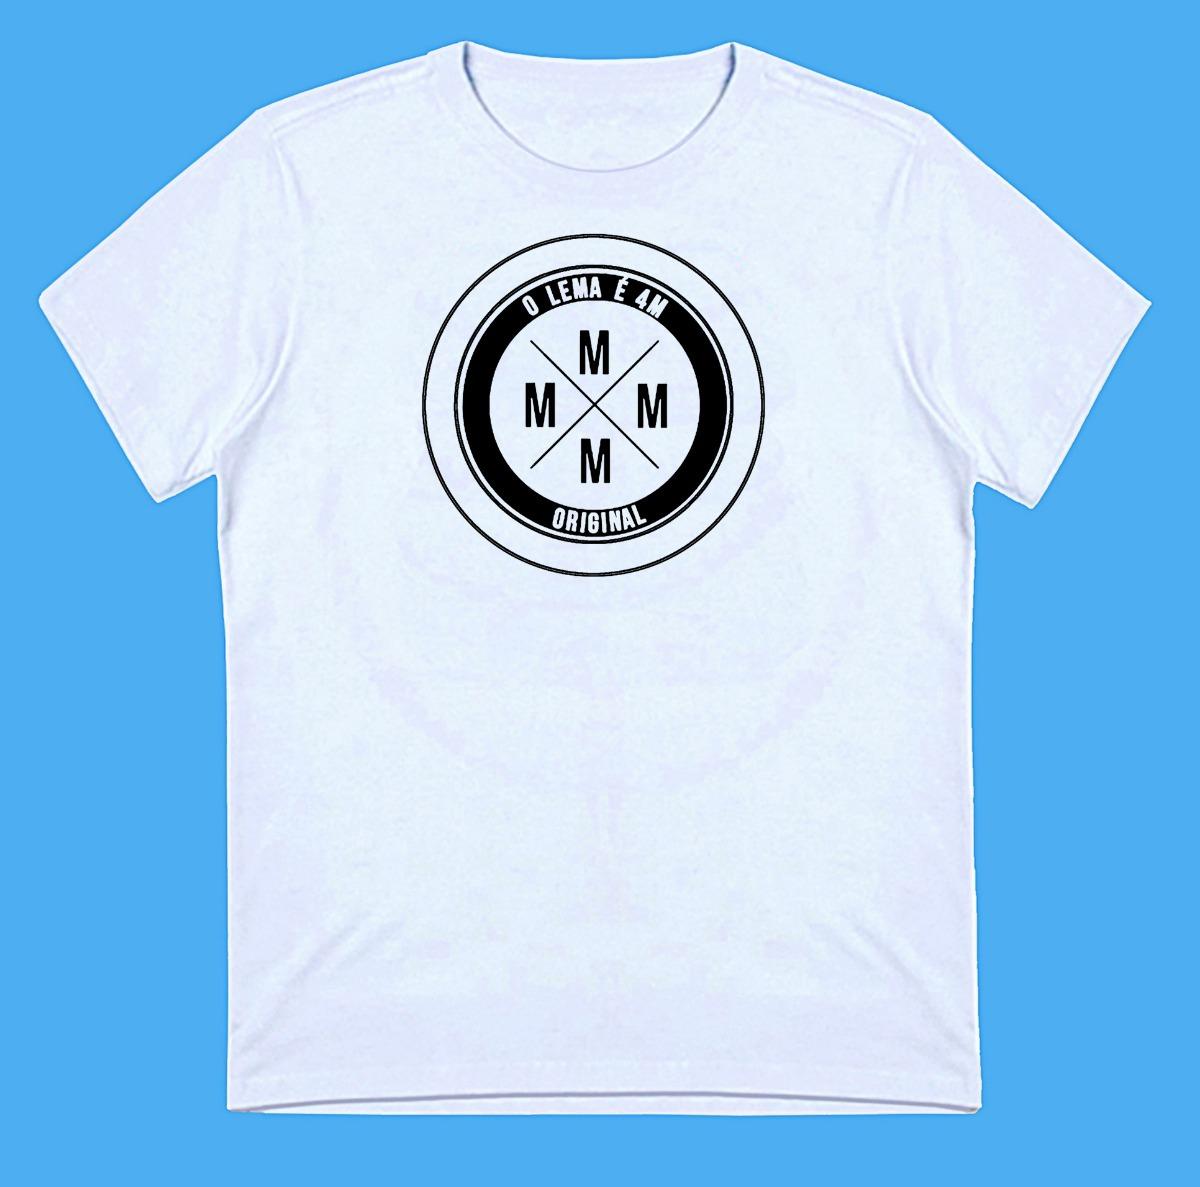 981a4c14e6733 Camiseta Funk Baby Look Preta Regata Branca 4m Rap A48-06 - R  35